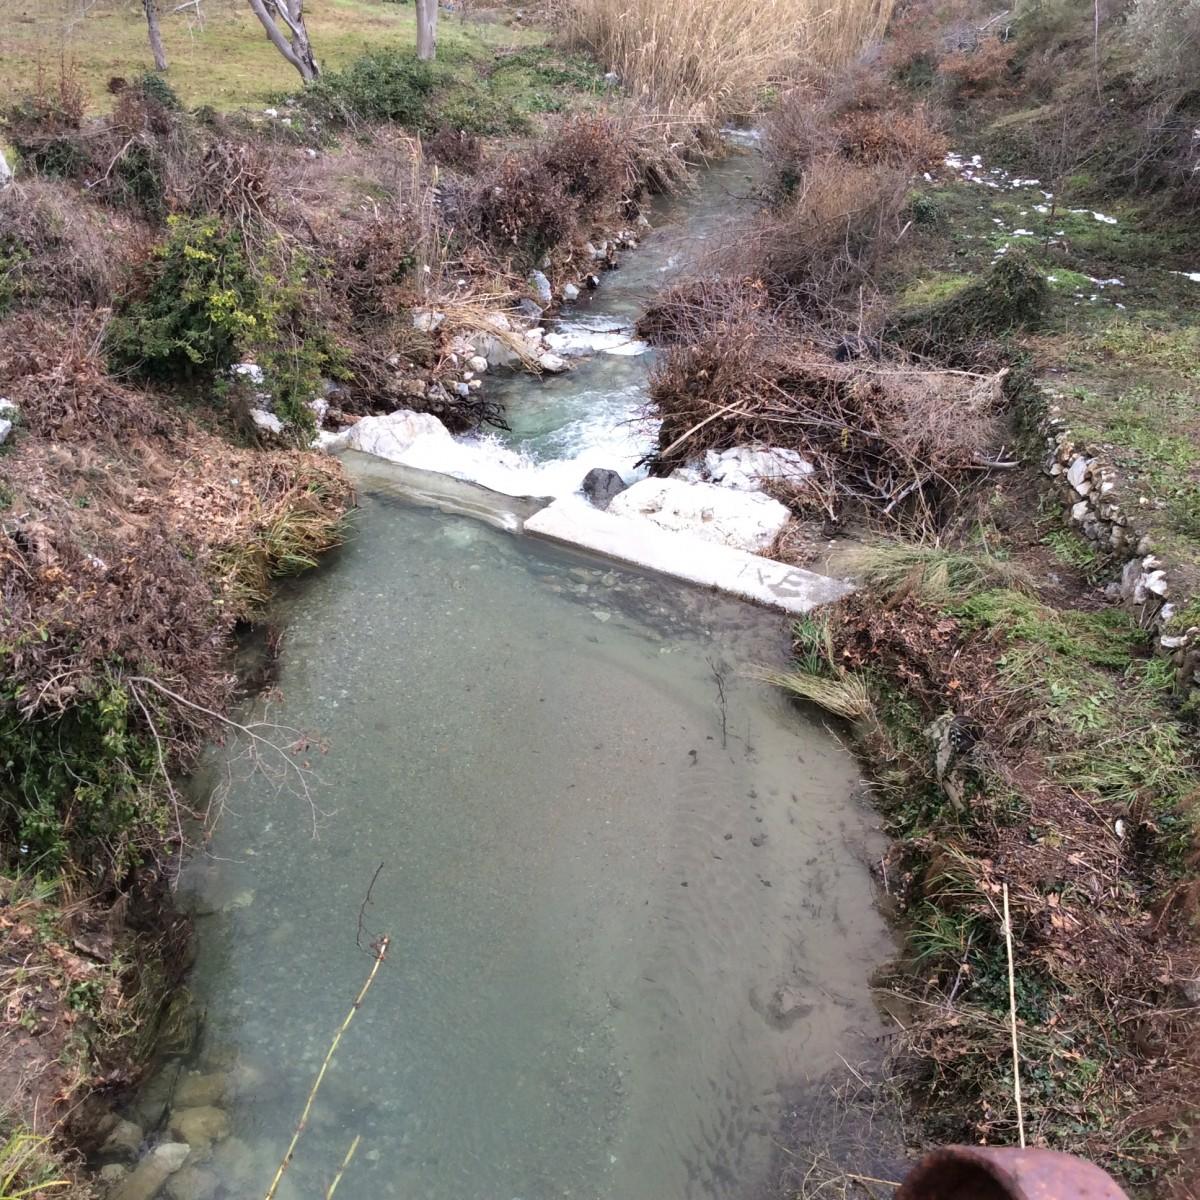 χιονιάς ζημιές πιτσιδιανάκη αμάρι βροχή υδροφόροι ορίζοντες